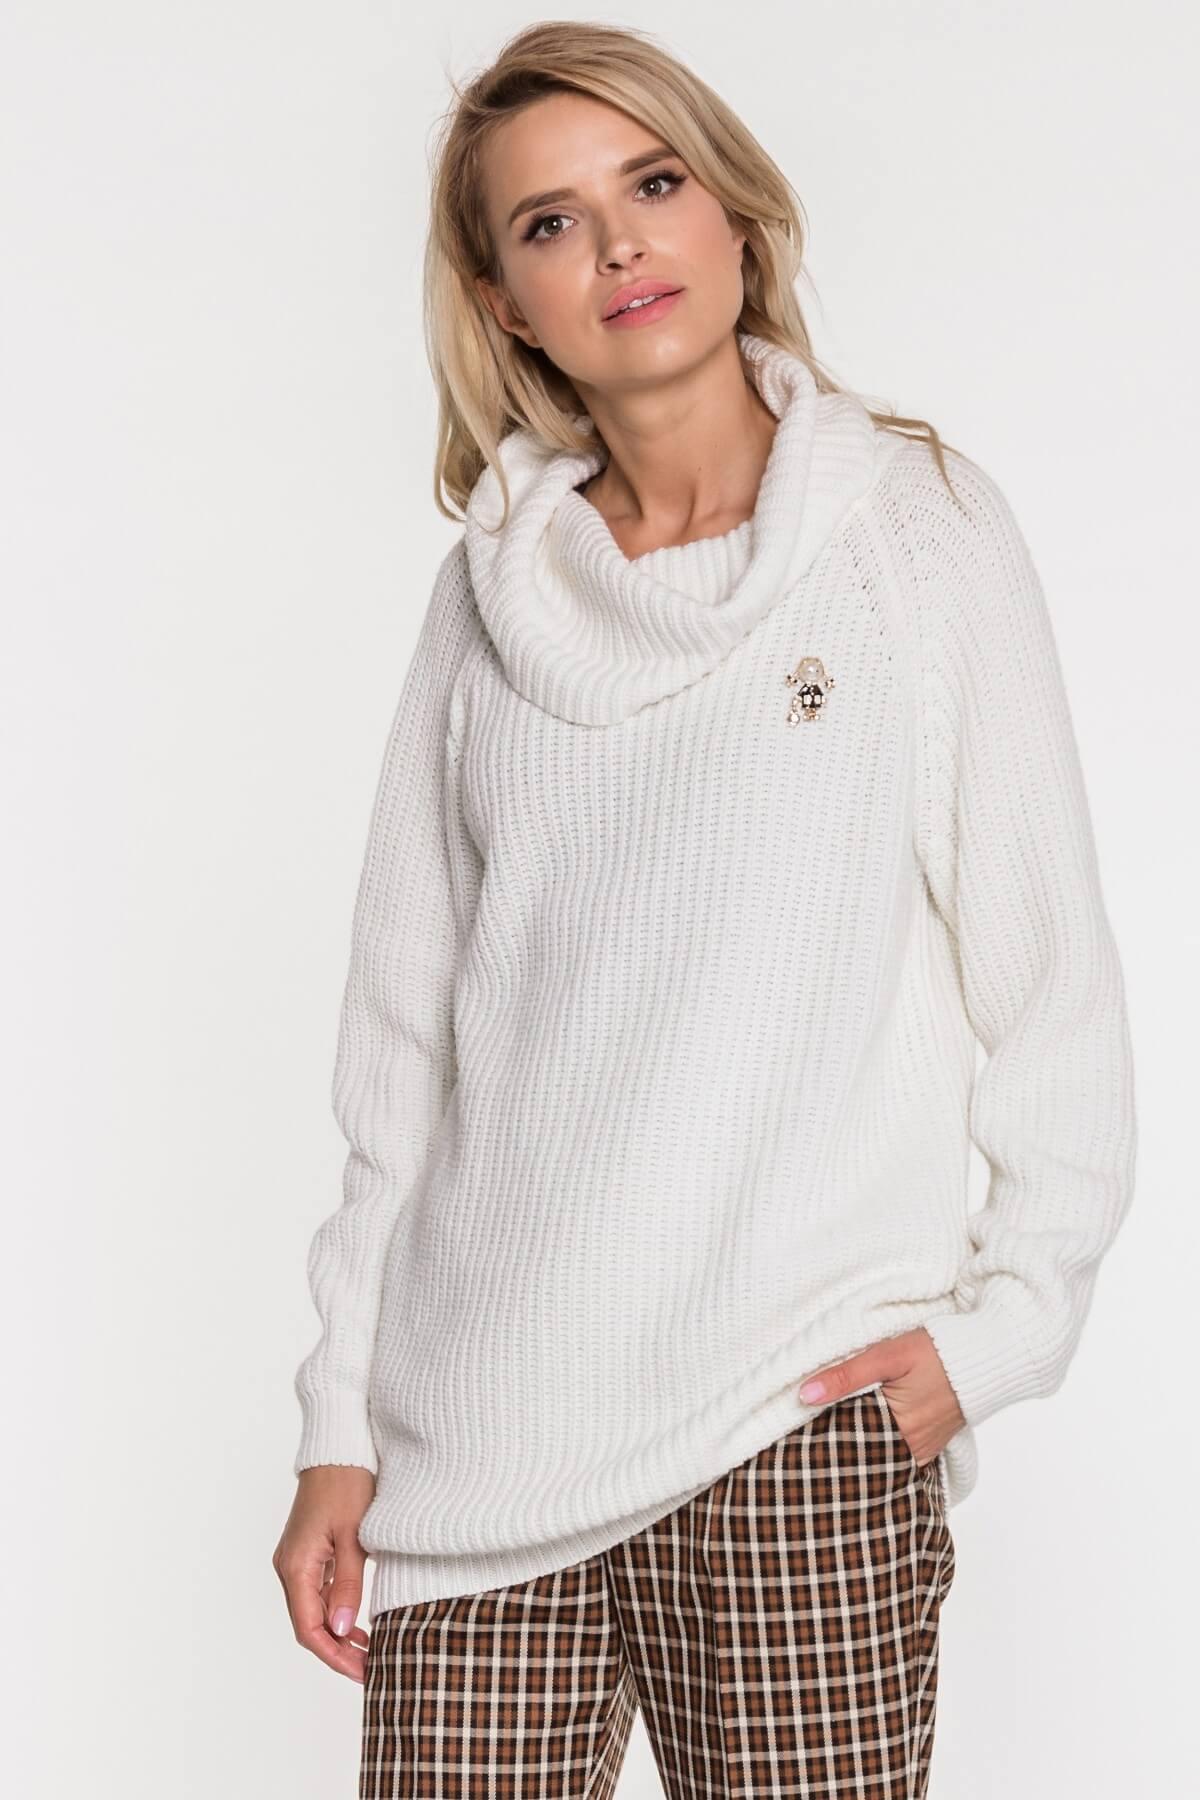 7c9ba5f8e2 Cienkie golfy damskie – jak je nosić  - Blog o modzie